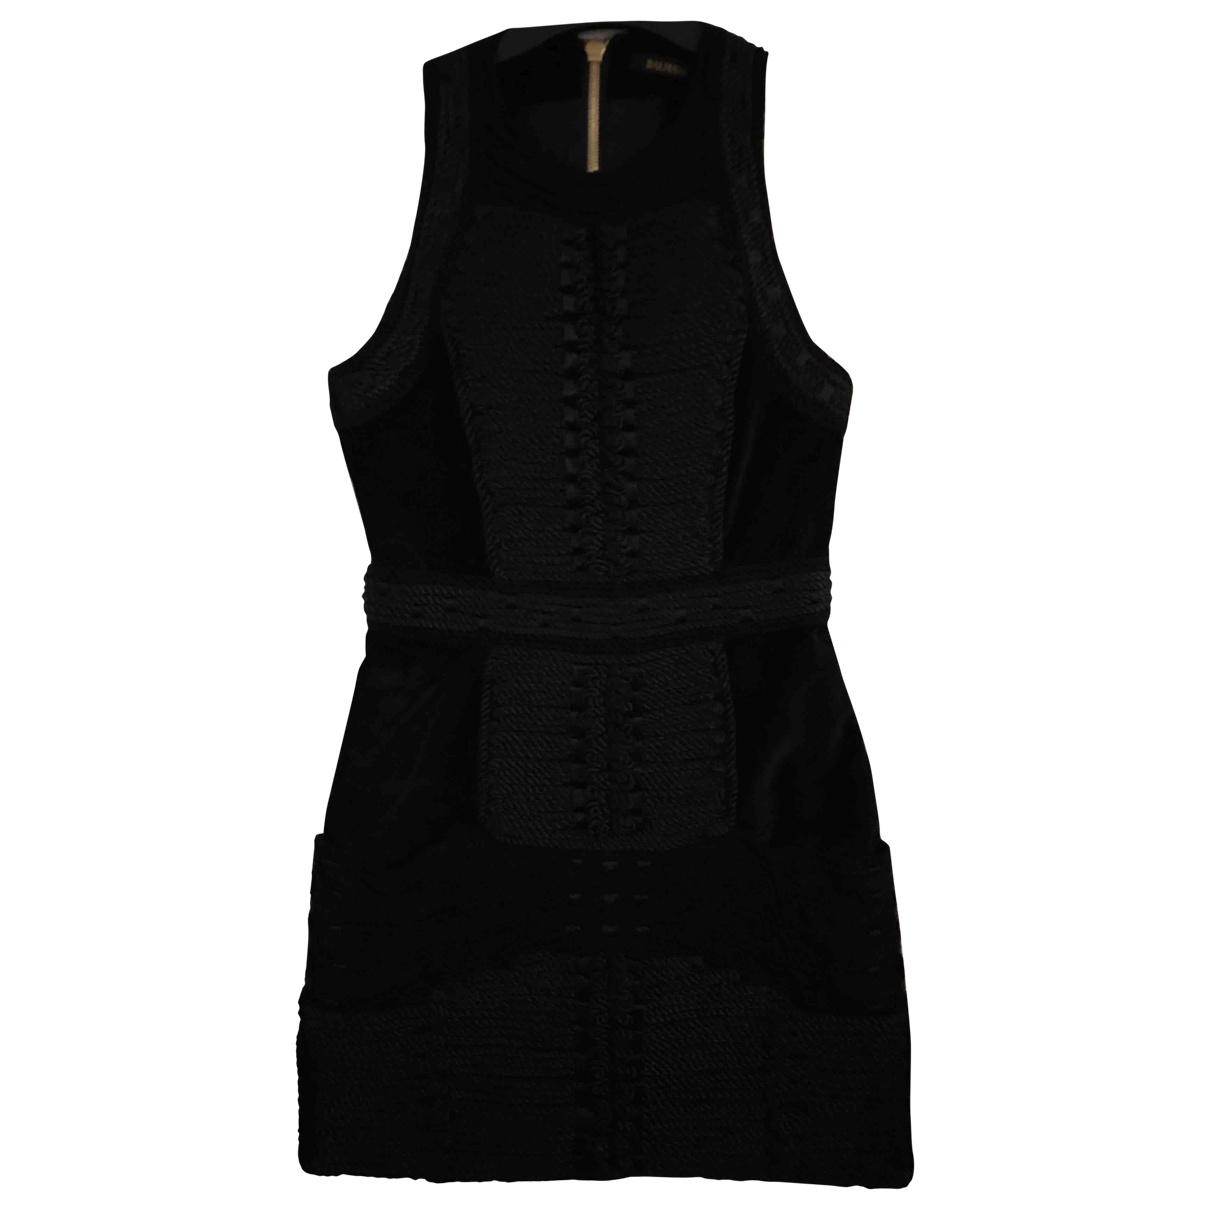 Balmain For H&m \N Black Velvet dress for Women S International